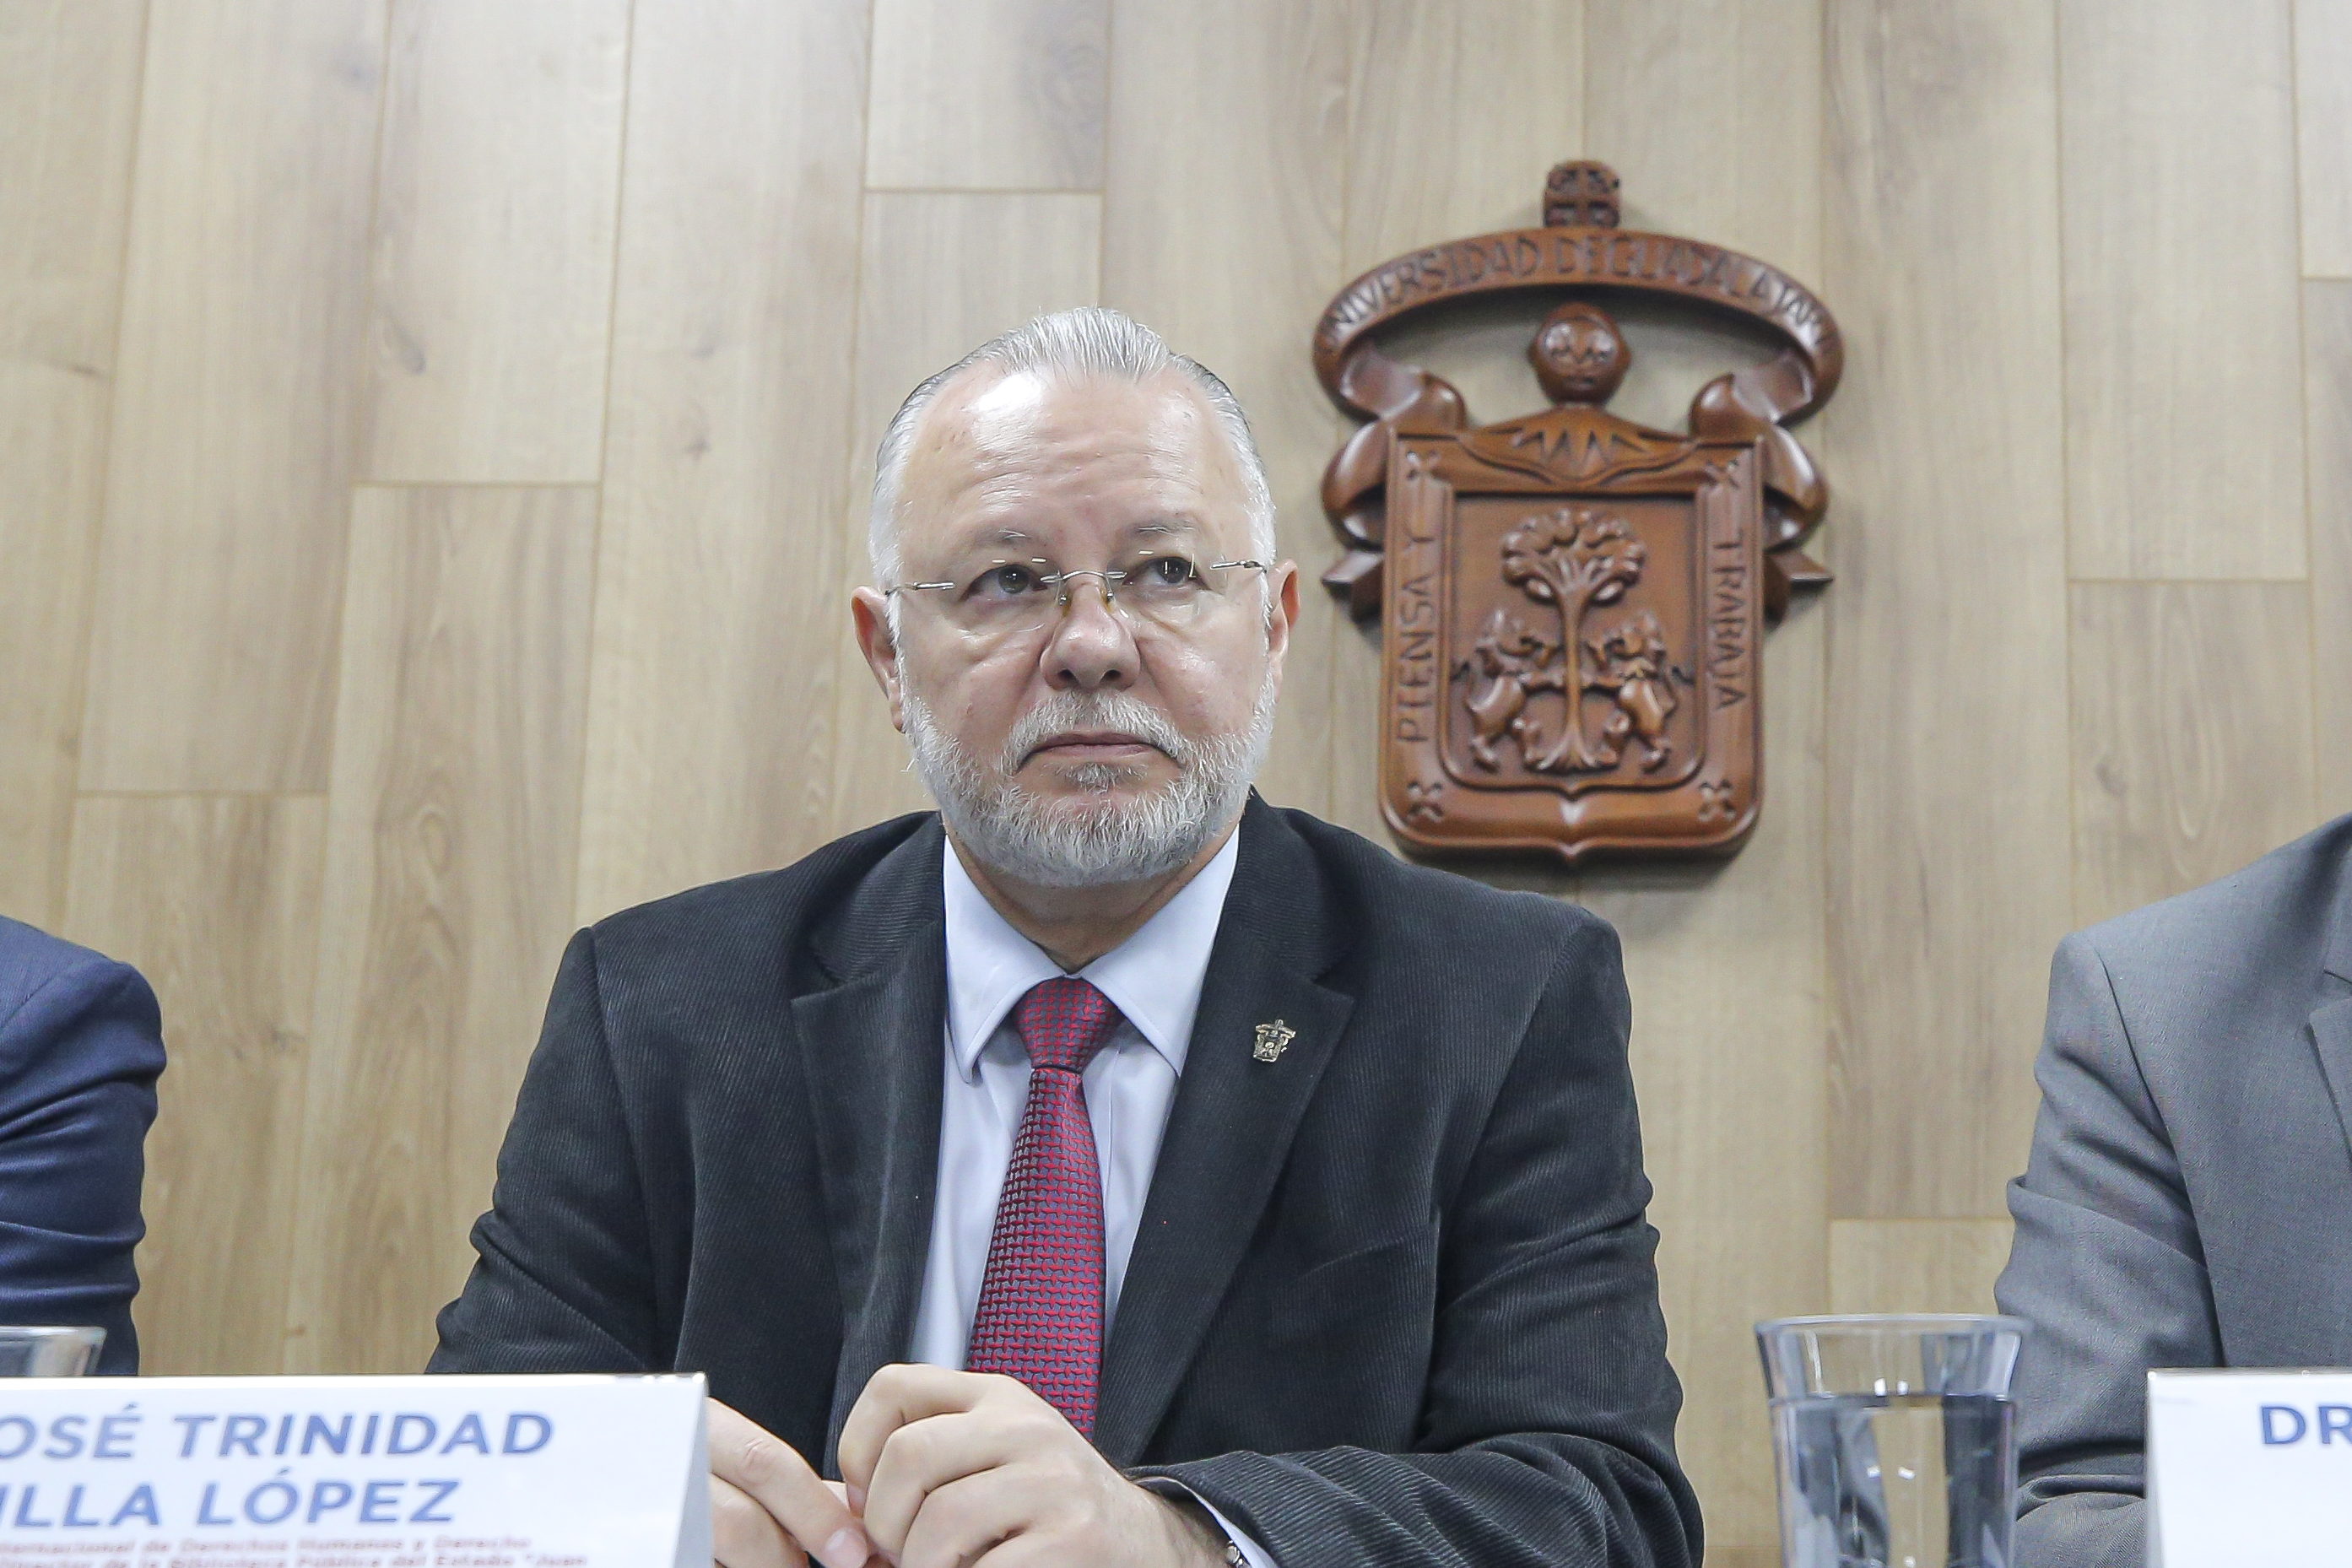 Mtro. Trinidad Padilla, foto individual